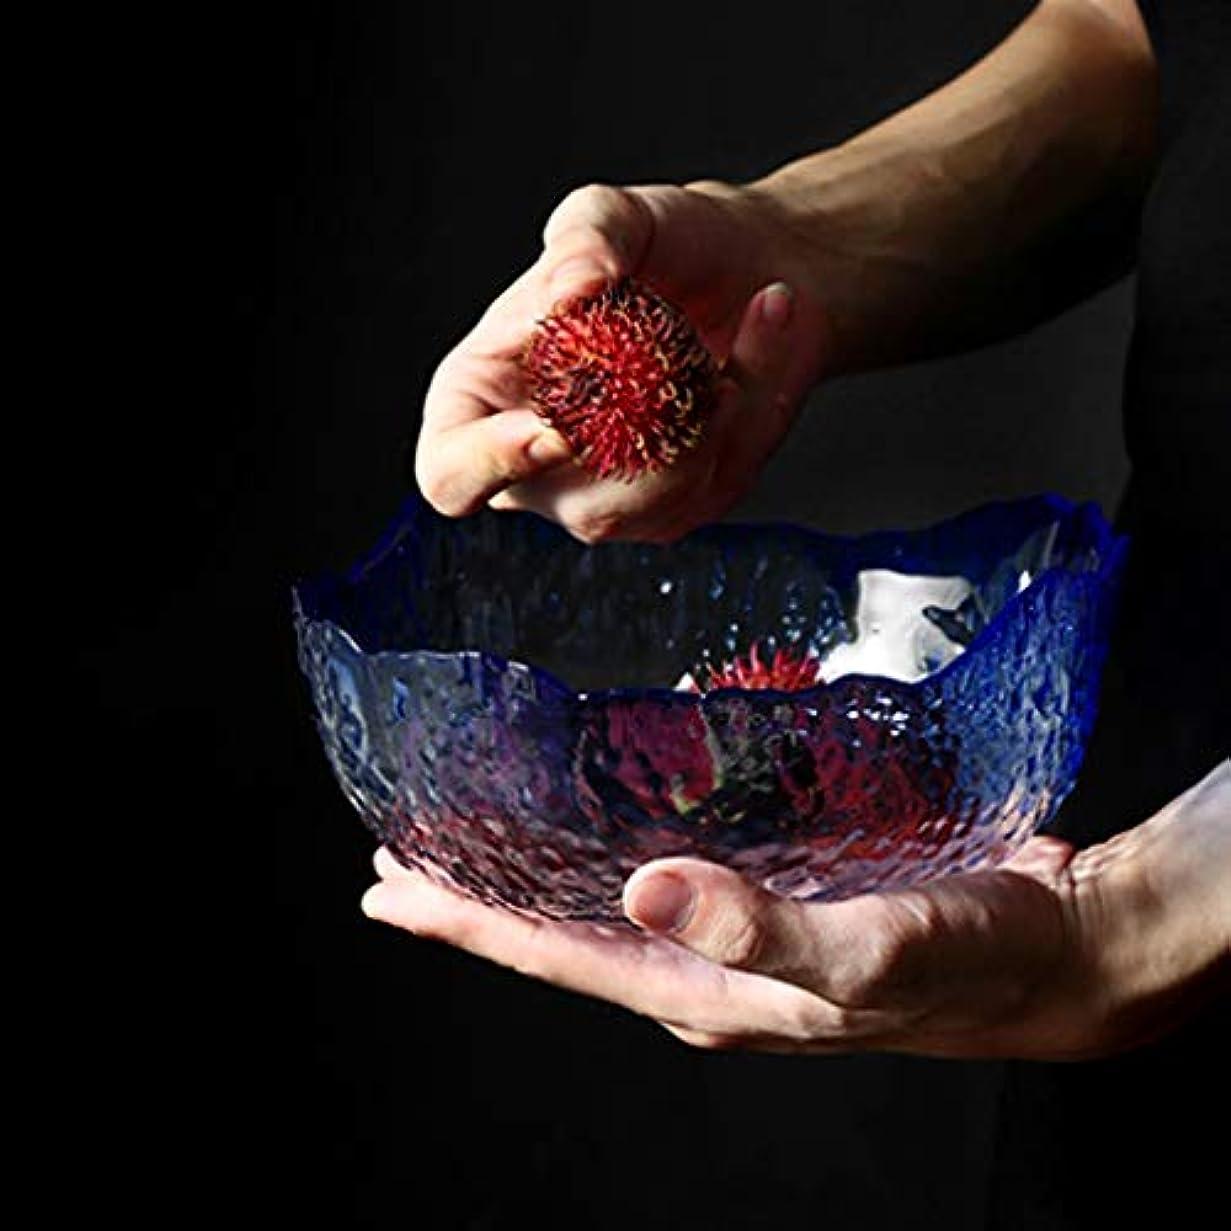 連結する巨人居心地の良いRL-ボウル 日本のハンマーパターン透明ガラスボウルカトラリー家庭用大不規則な果物と野菜のサラダボウル (Color : C)